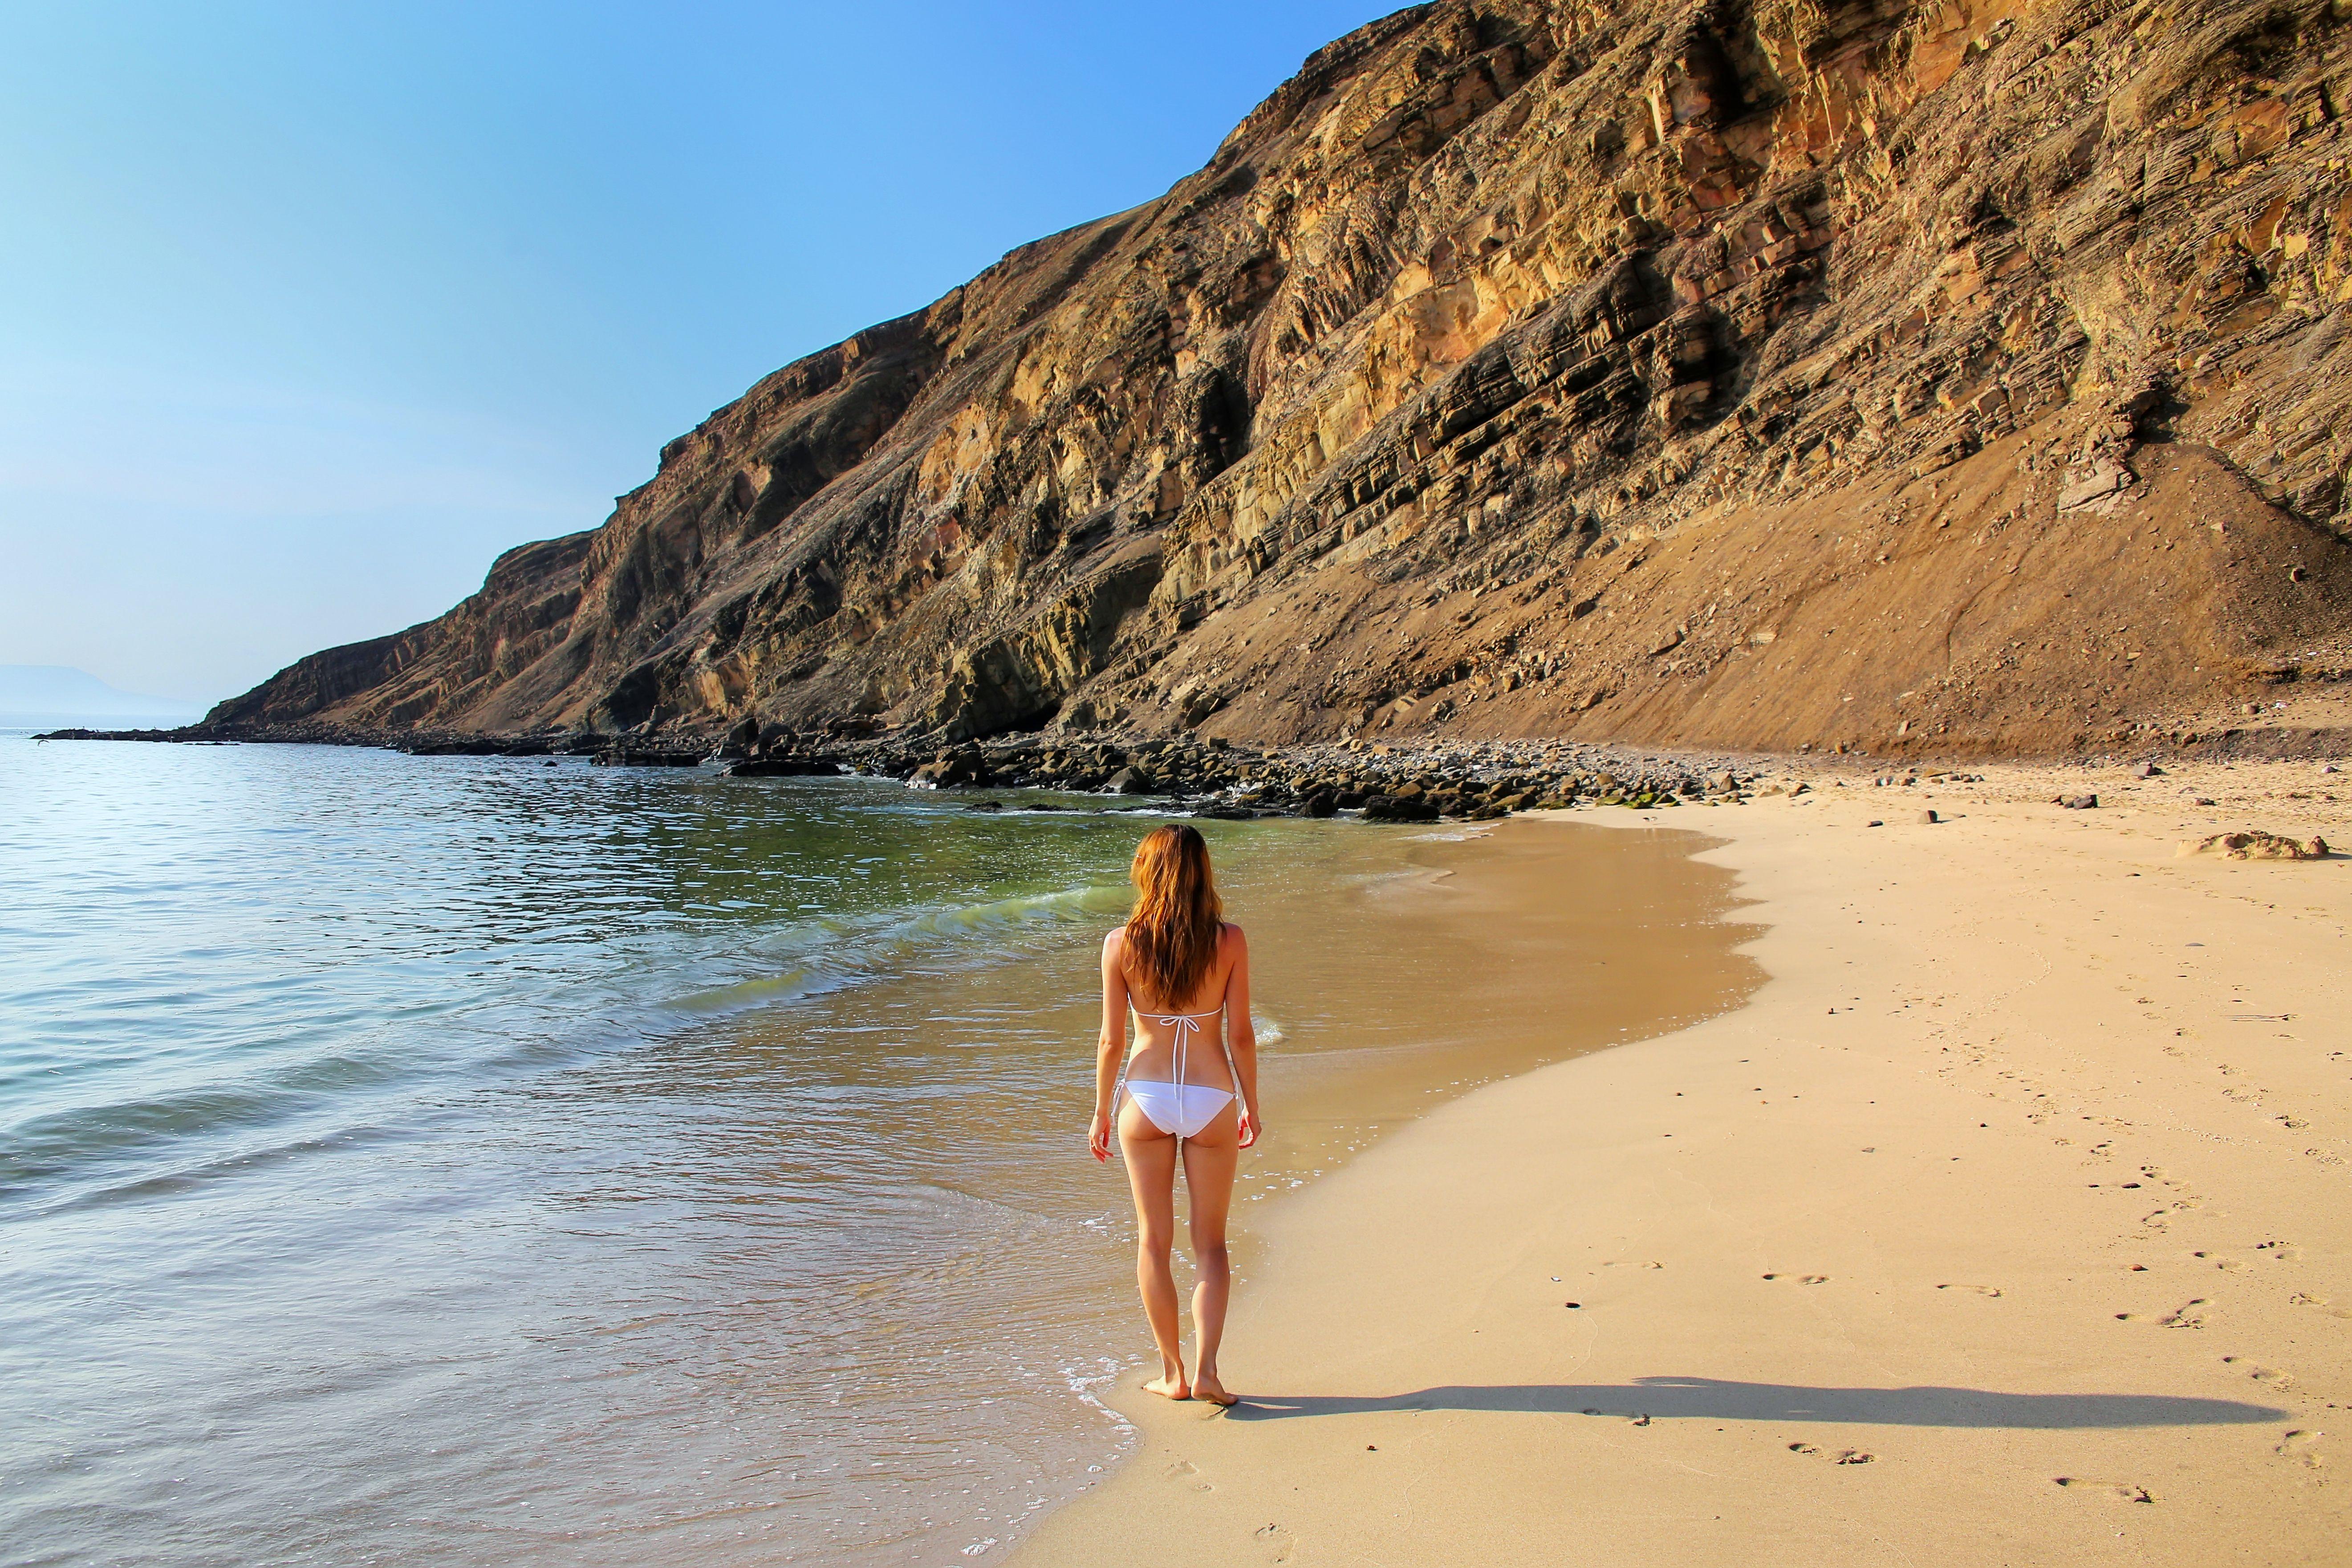 Una De Las Caracteristicas De Esta Playa Es Que Las Personas